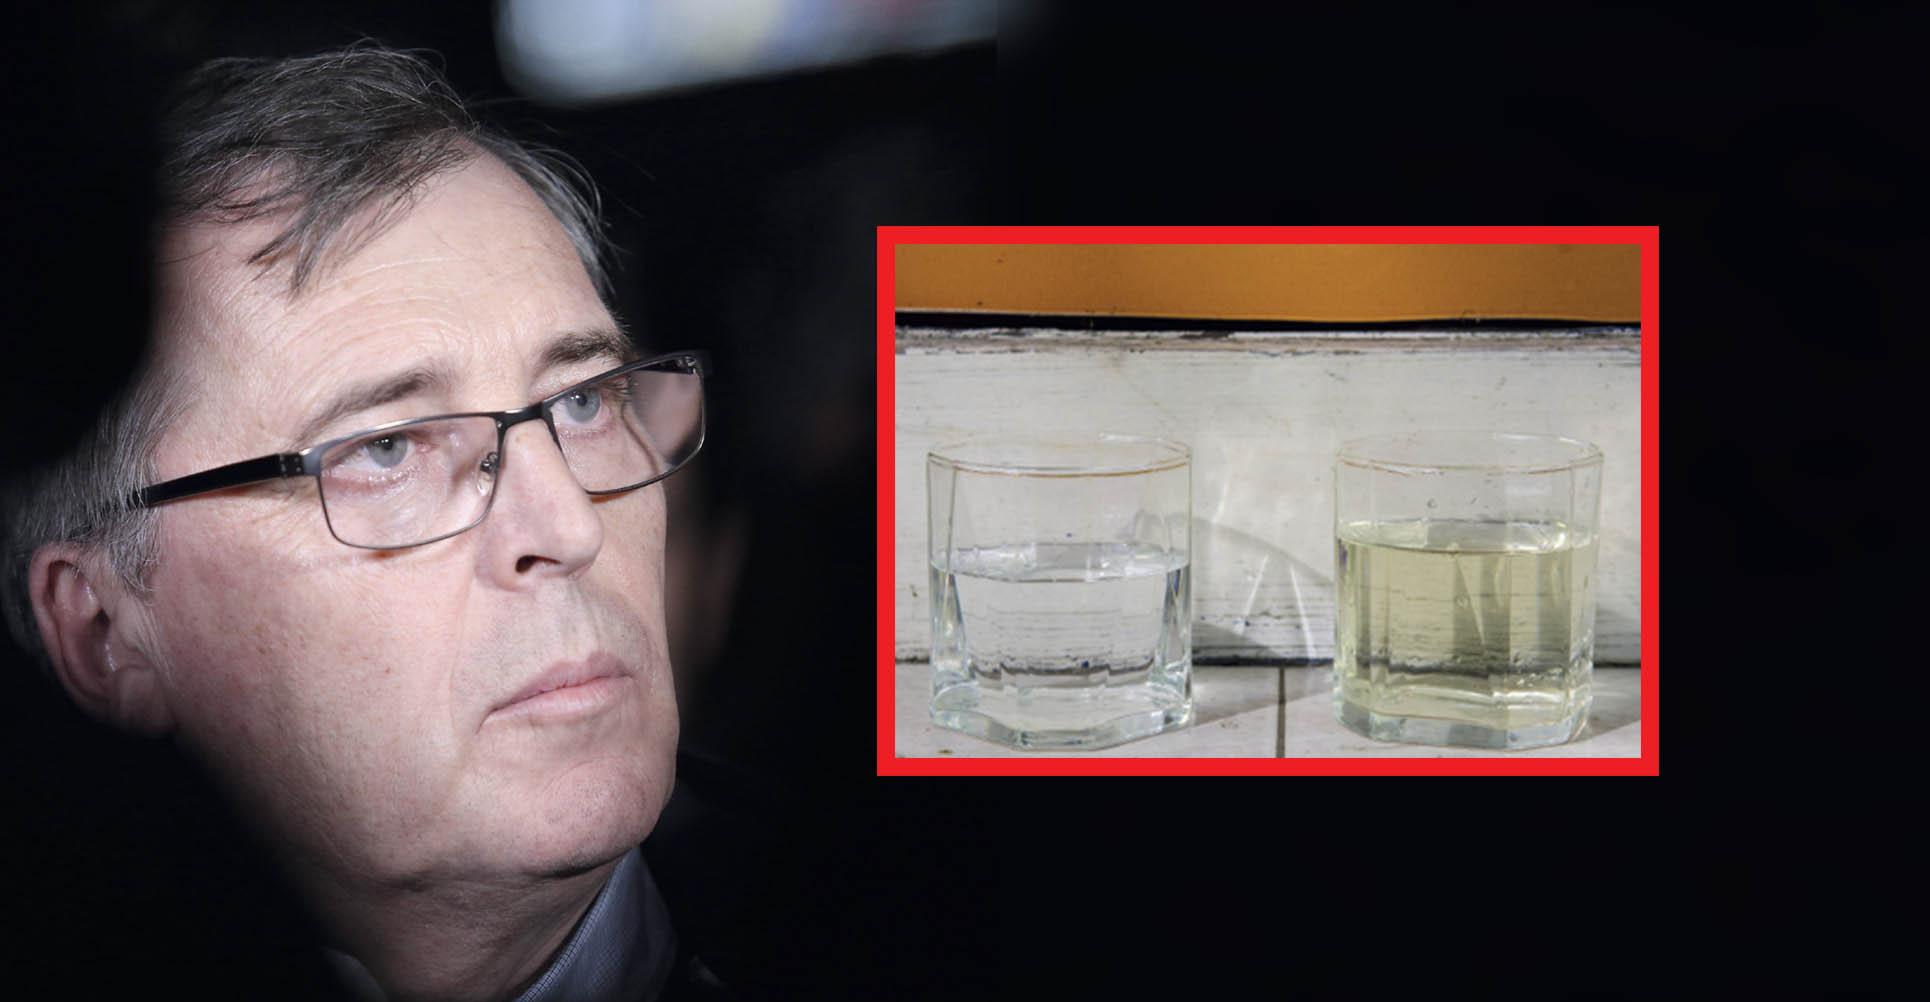 MILIJUN LJUDI u Hrvatskoj,  Srbiji  i Mađarskoj pije kancerogenu vodu